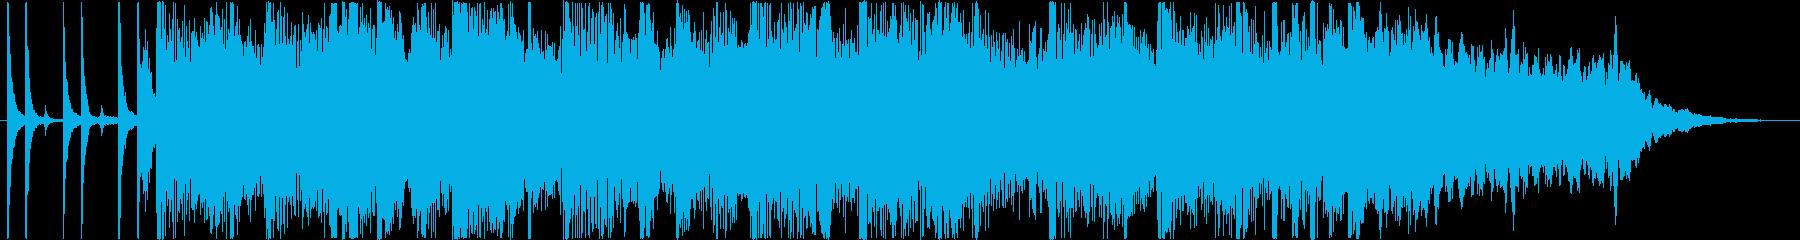 女性ボーカルのスキャットを含む、メ...の再生済みの波形